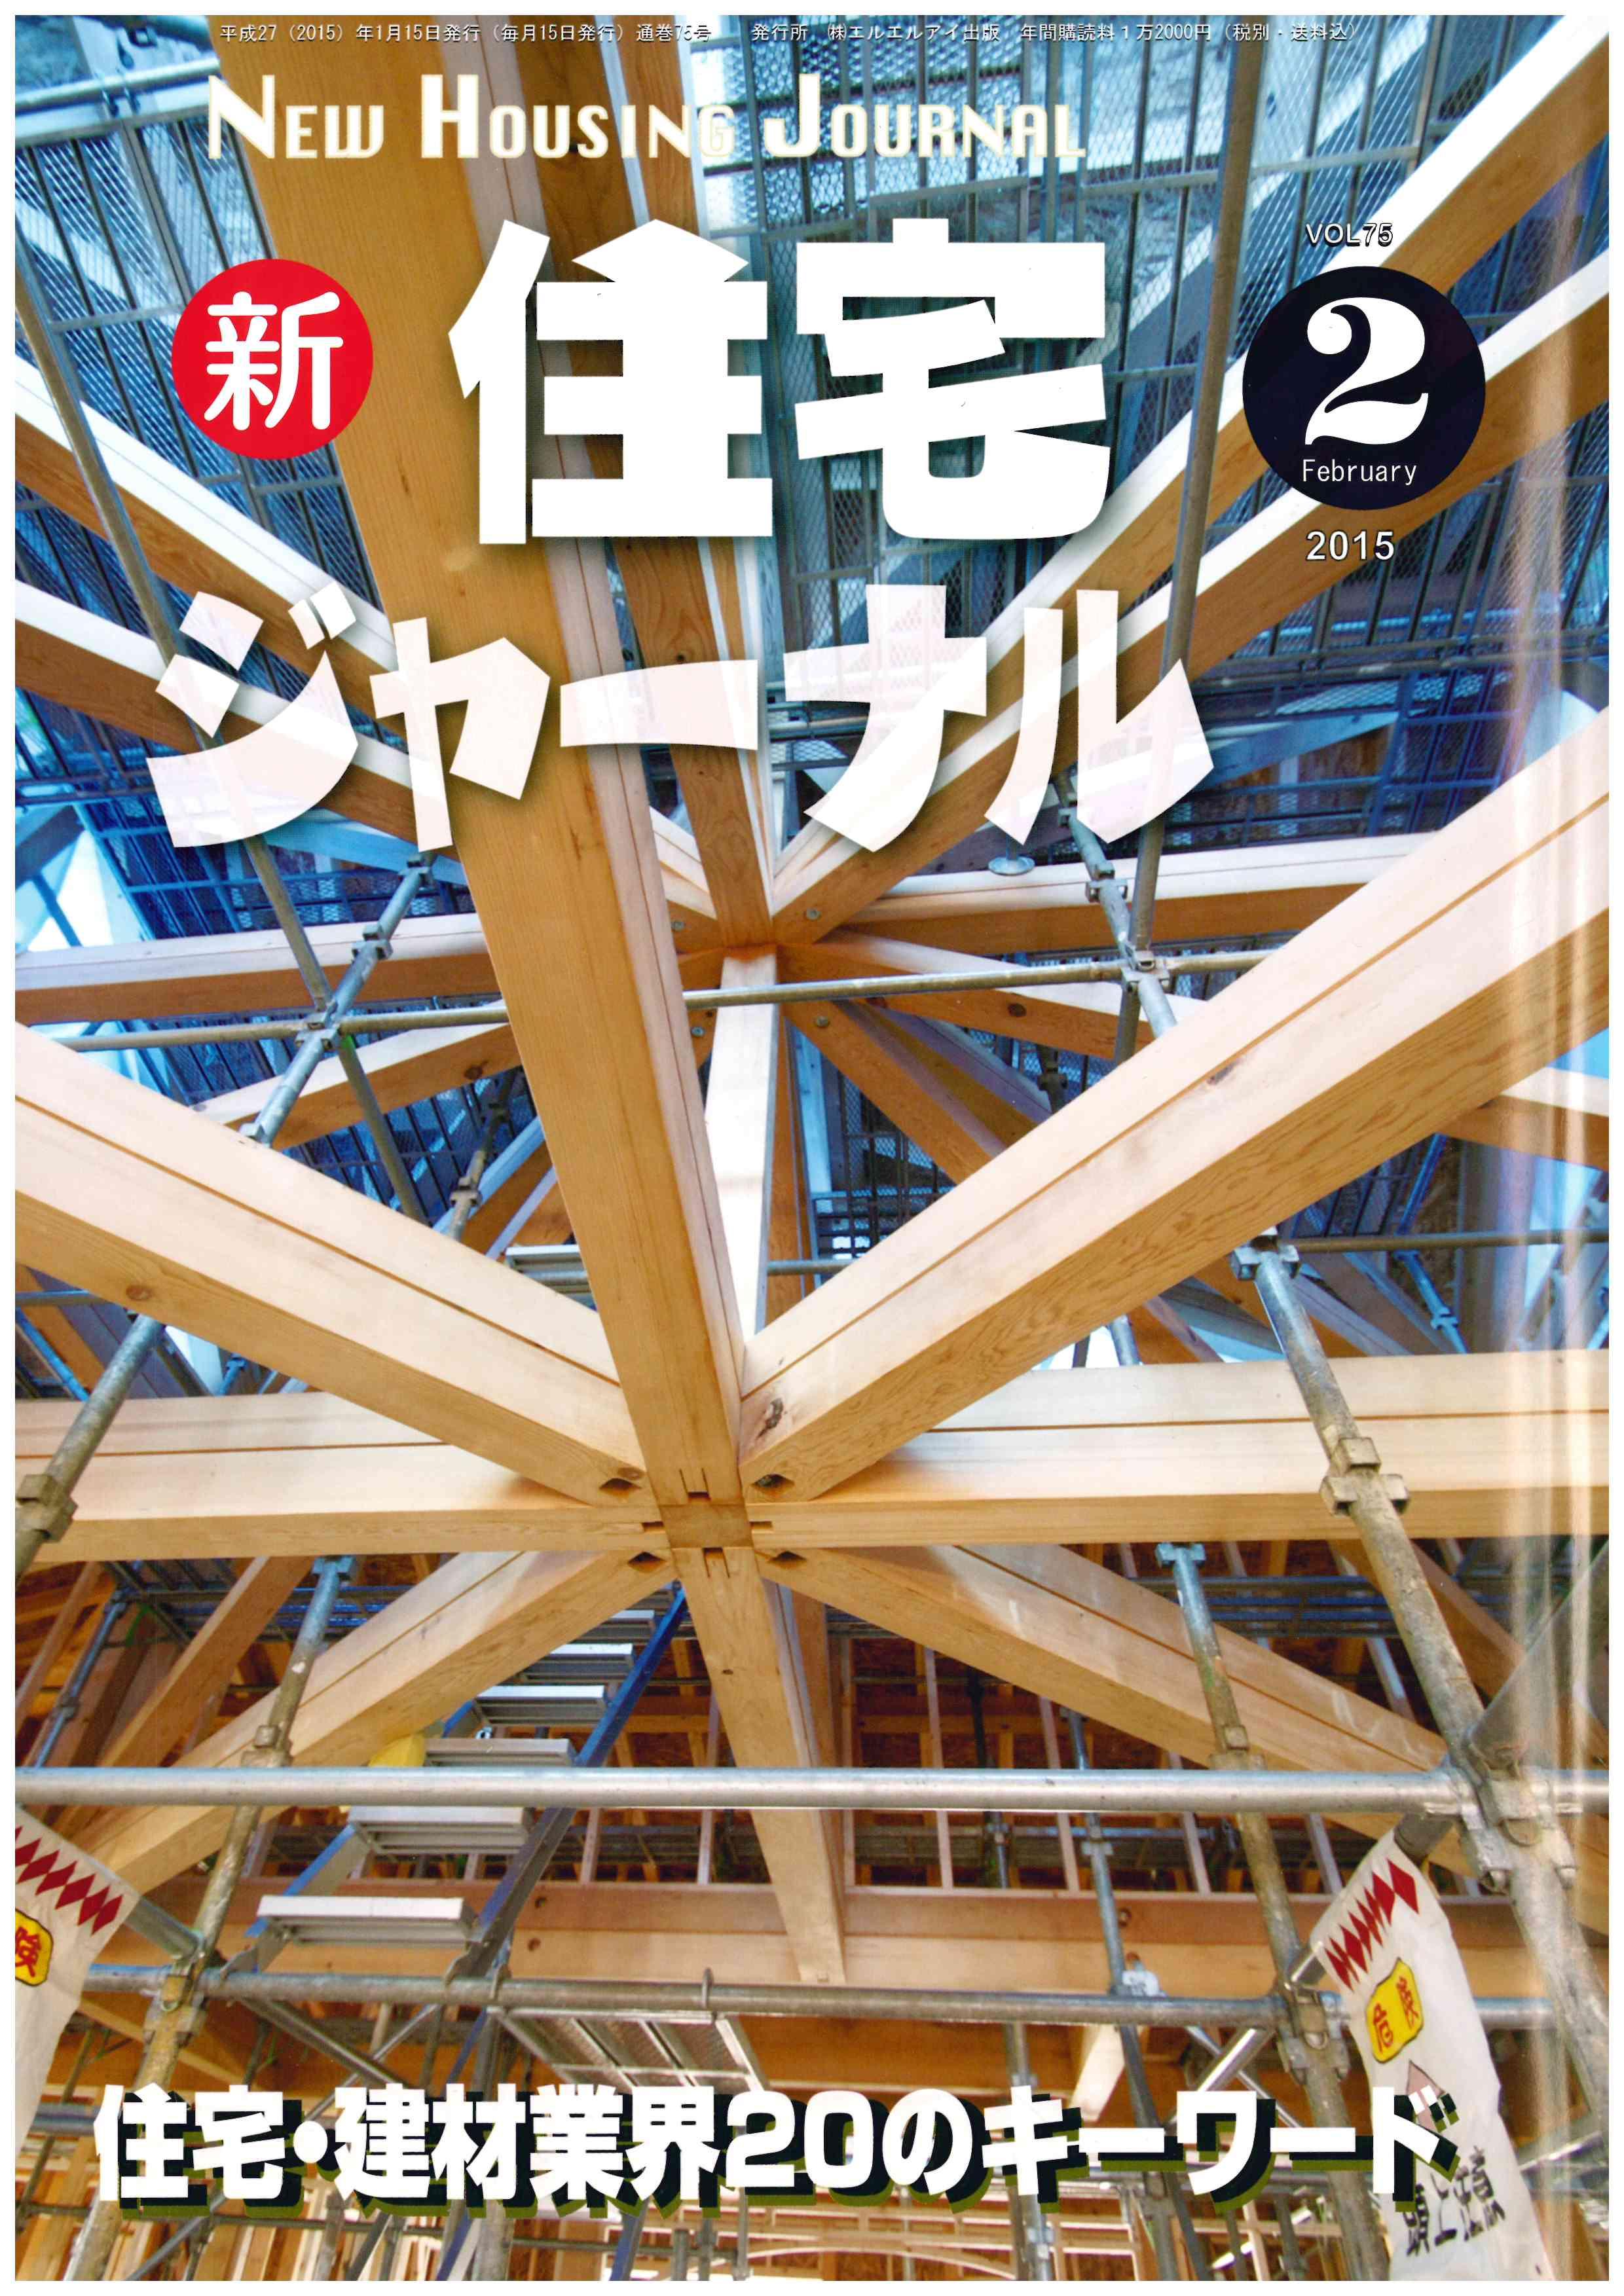 新住宅ジャーナル2015-2月号